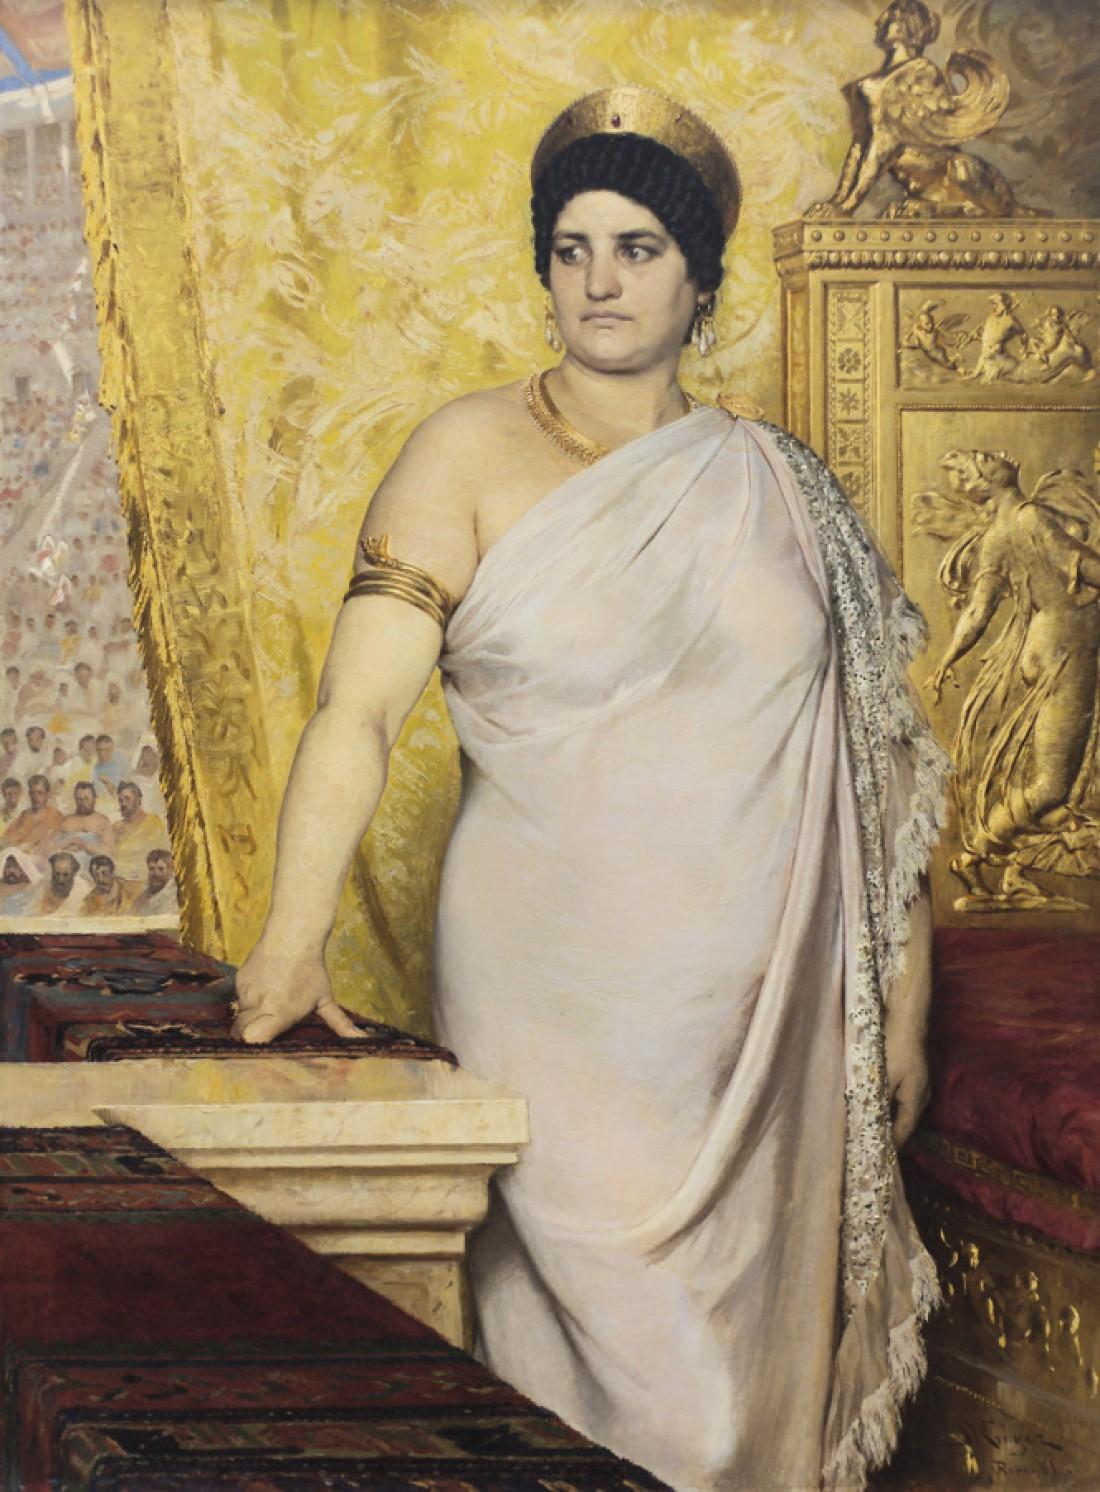 Валерия Мессалина. Жена римского императора, подрабатывала по ночам в публичном доме